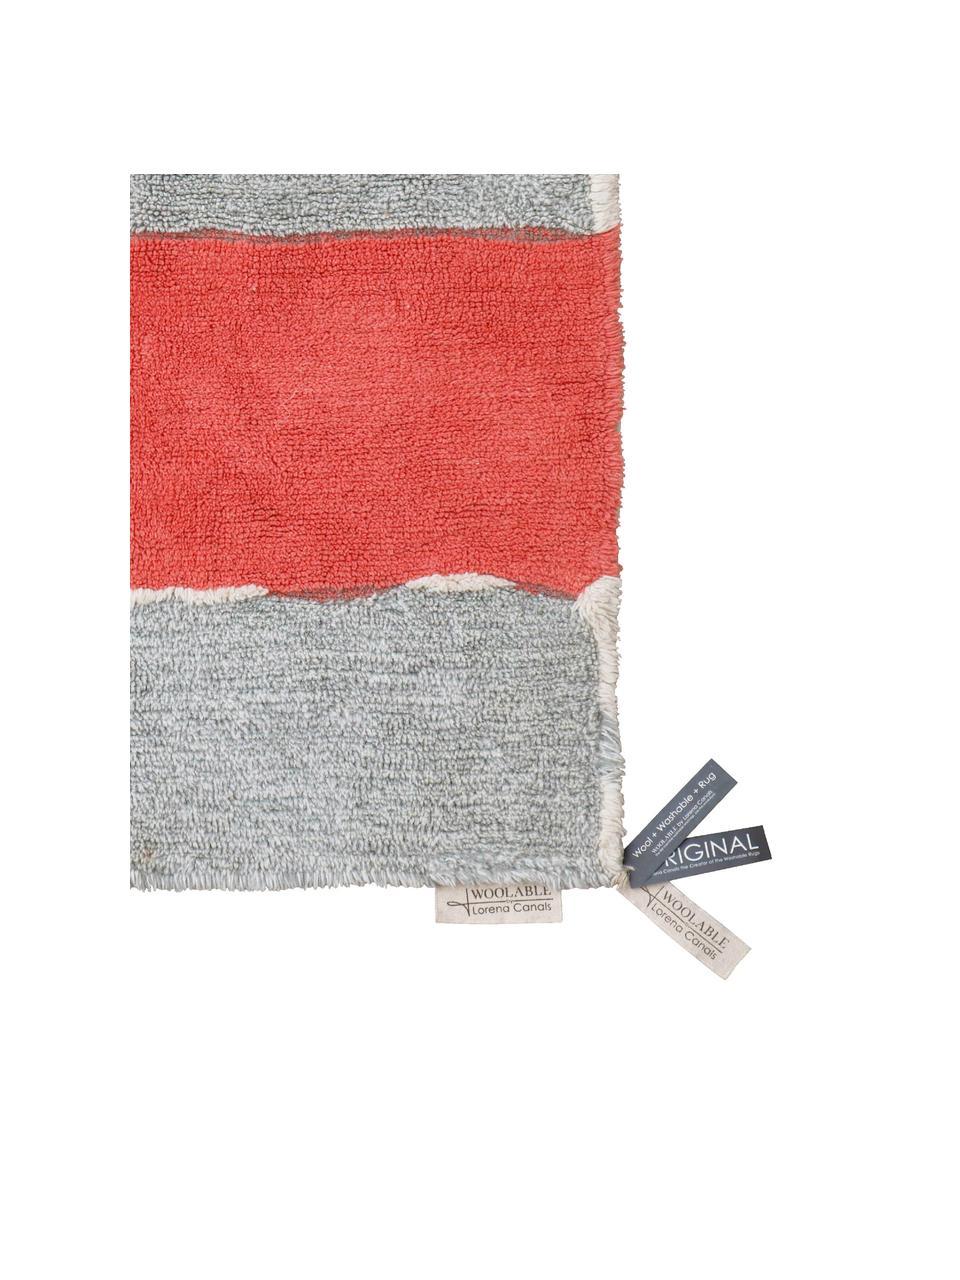 Großer Waschbarer Wollteppich Woolable Abstra mit buntem Muster, Flor: 100% Wolle, Mehrfarbig, B 170 x L 240 cm (Größe M)